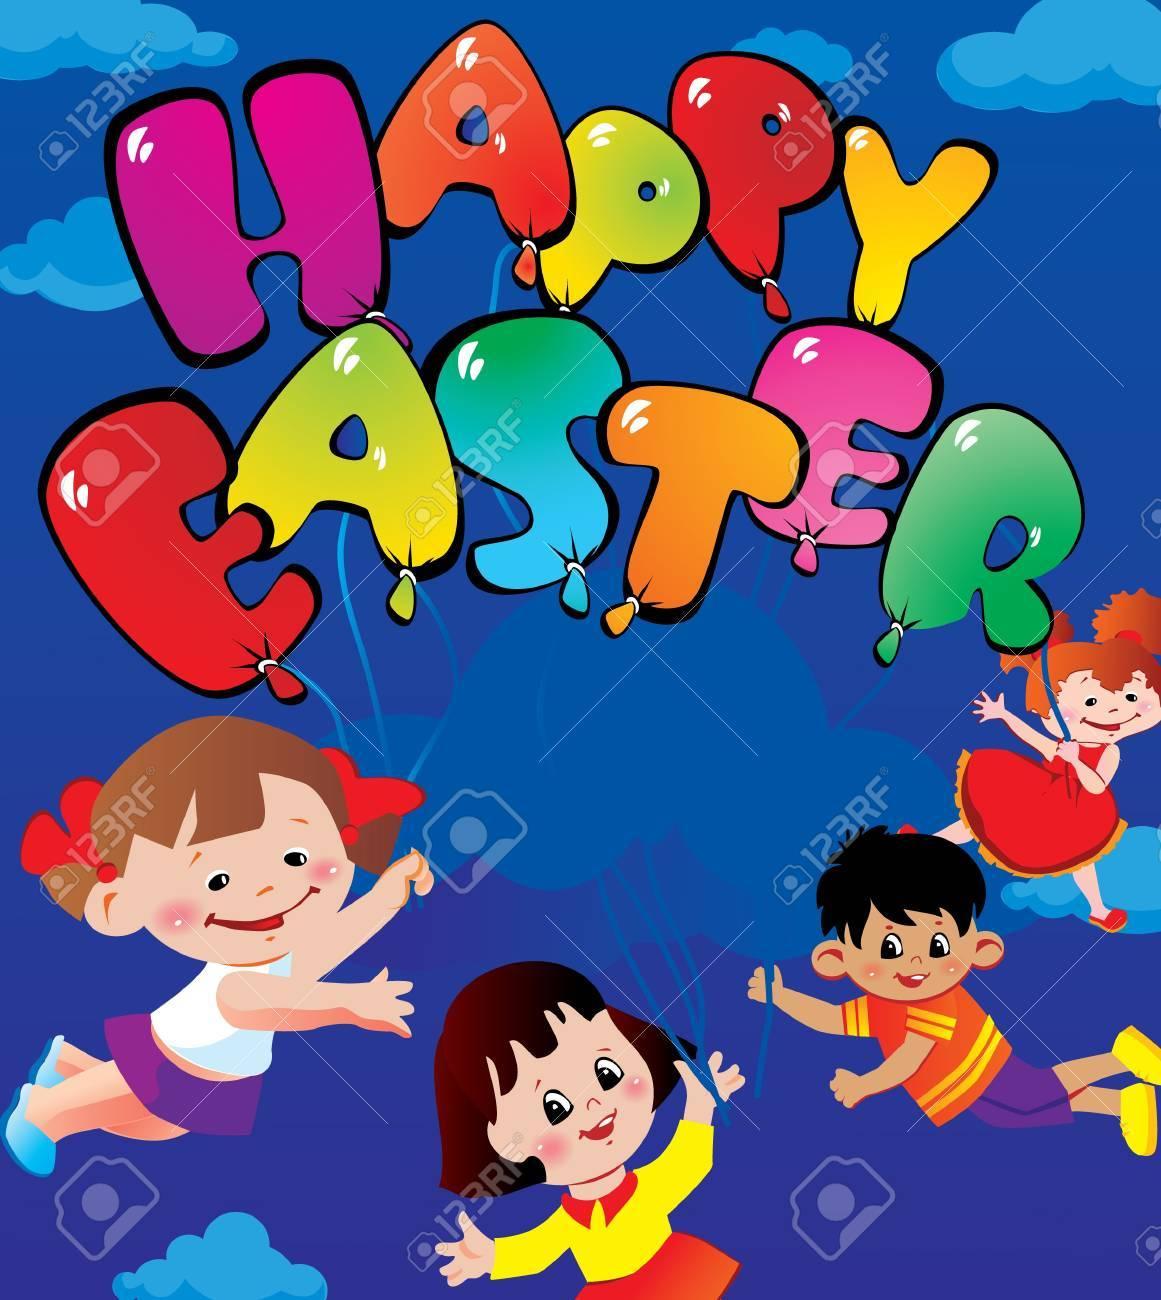 Children flying on balloons. Happy easter. Vector art-illustration for Easter. Stock Vector - 9385633